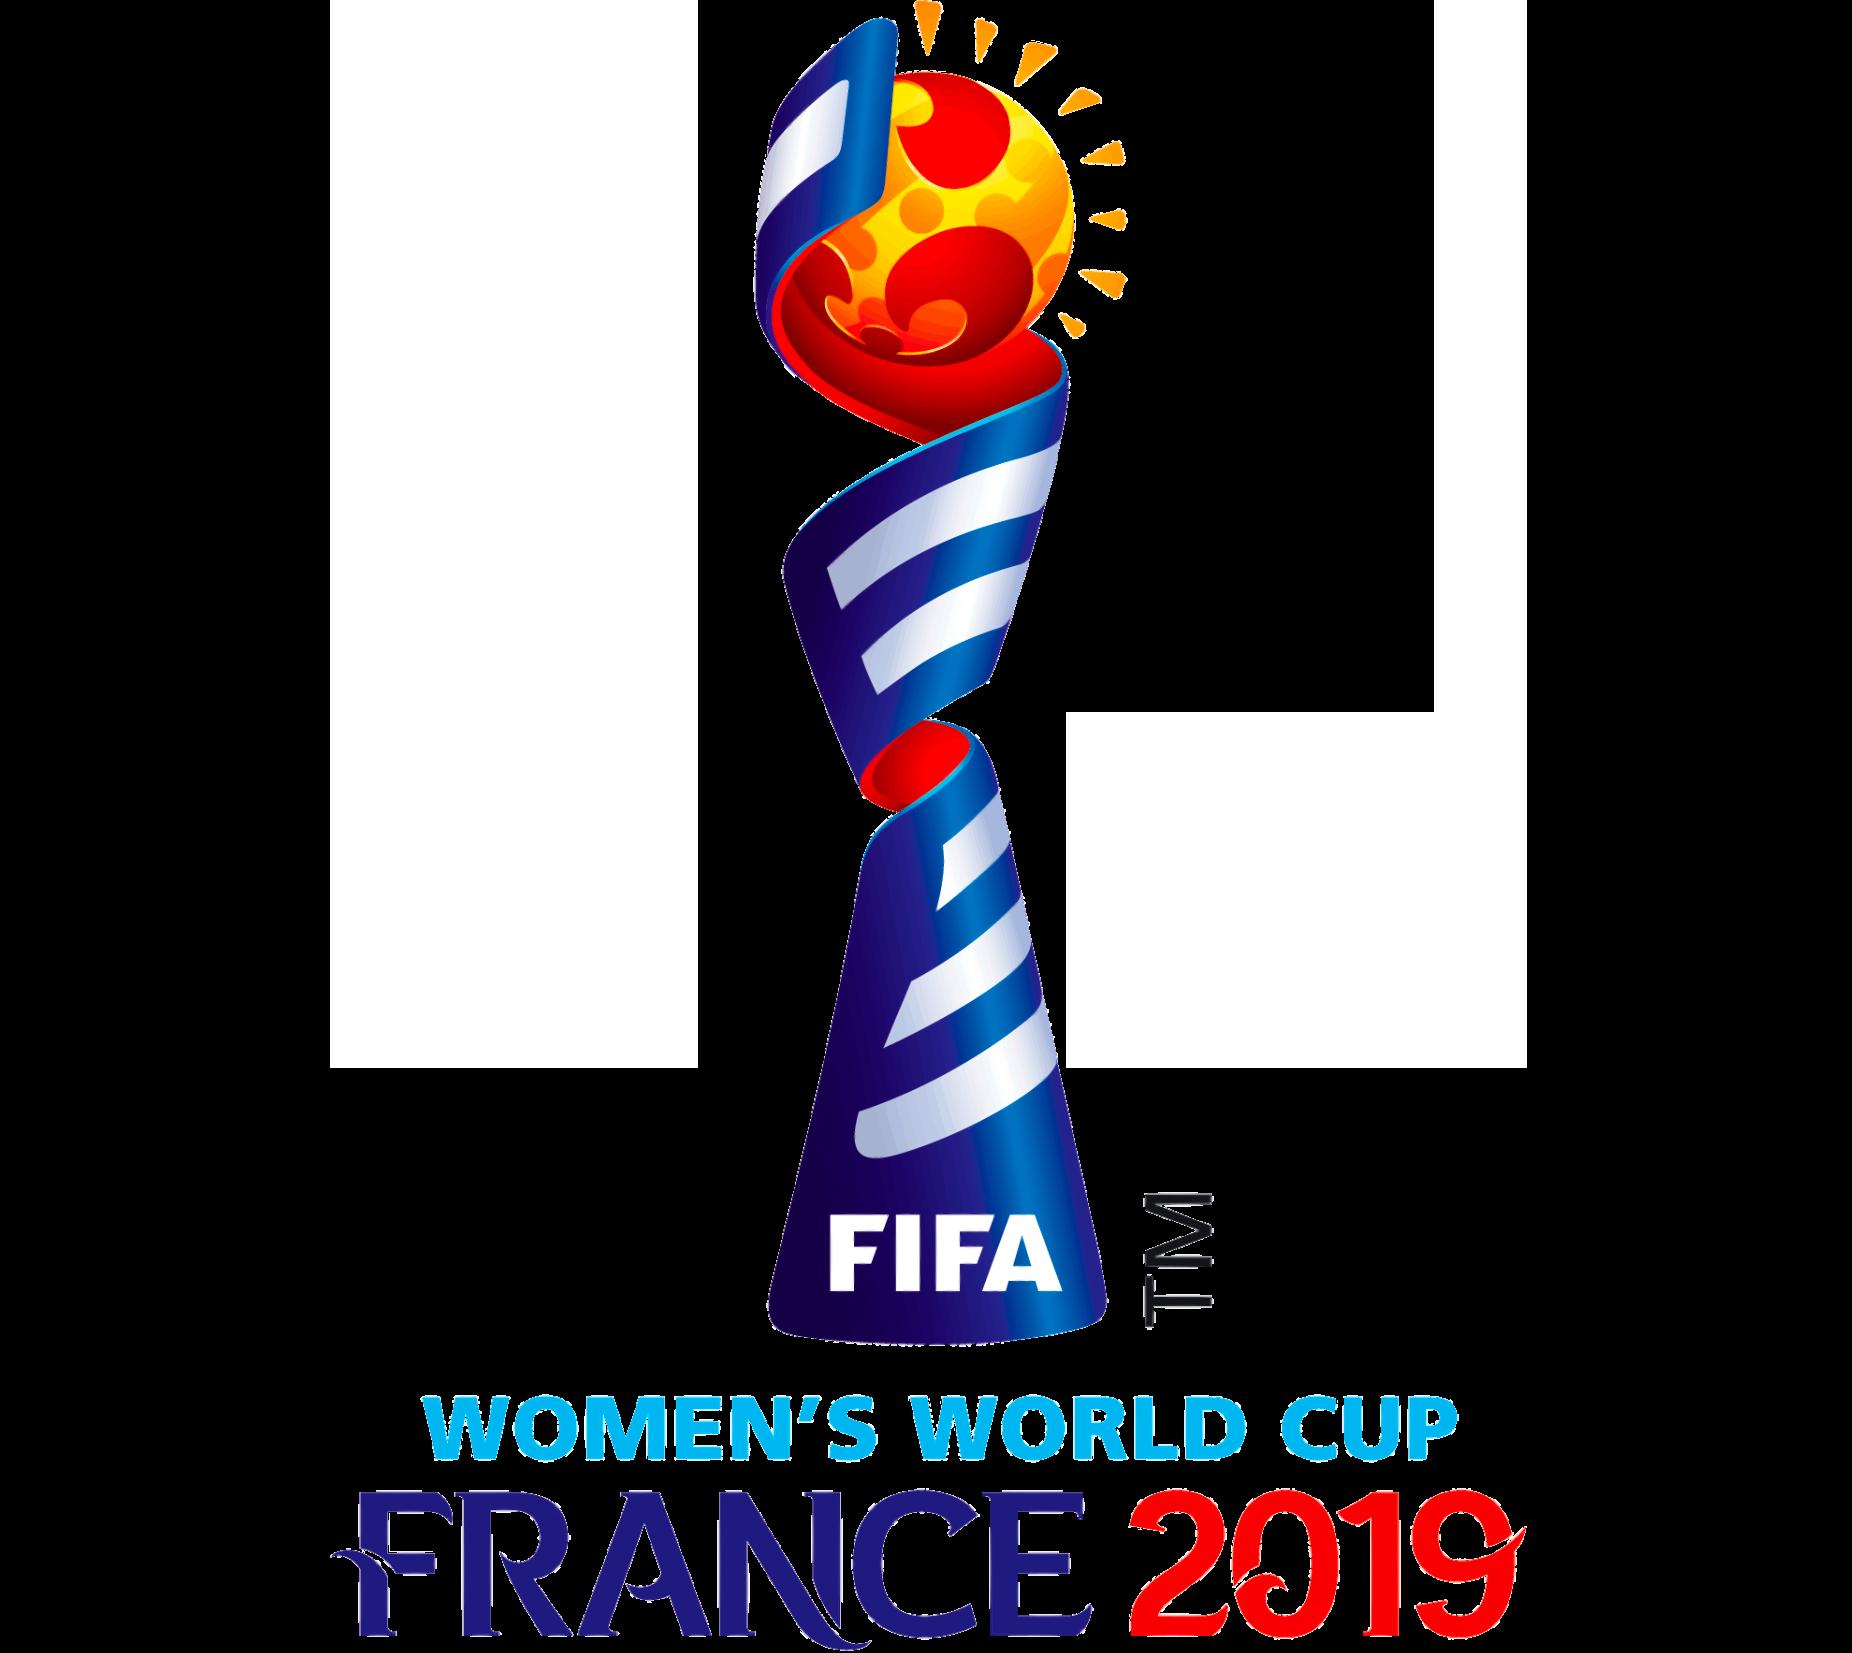 Лого Чемпионат мира 2019 (W)